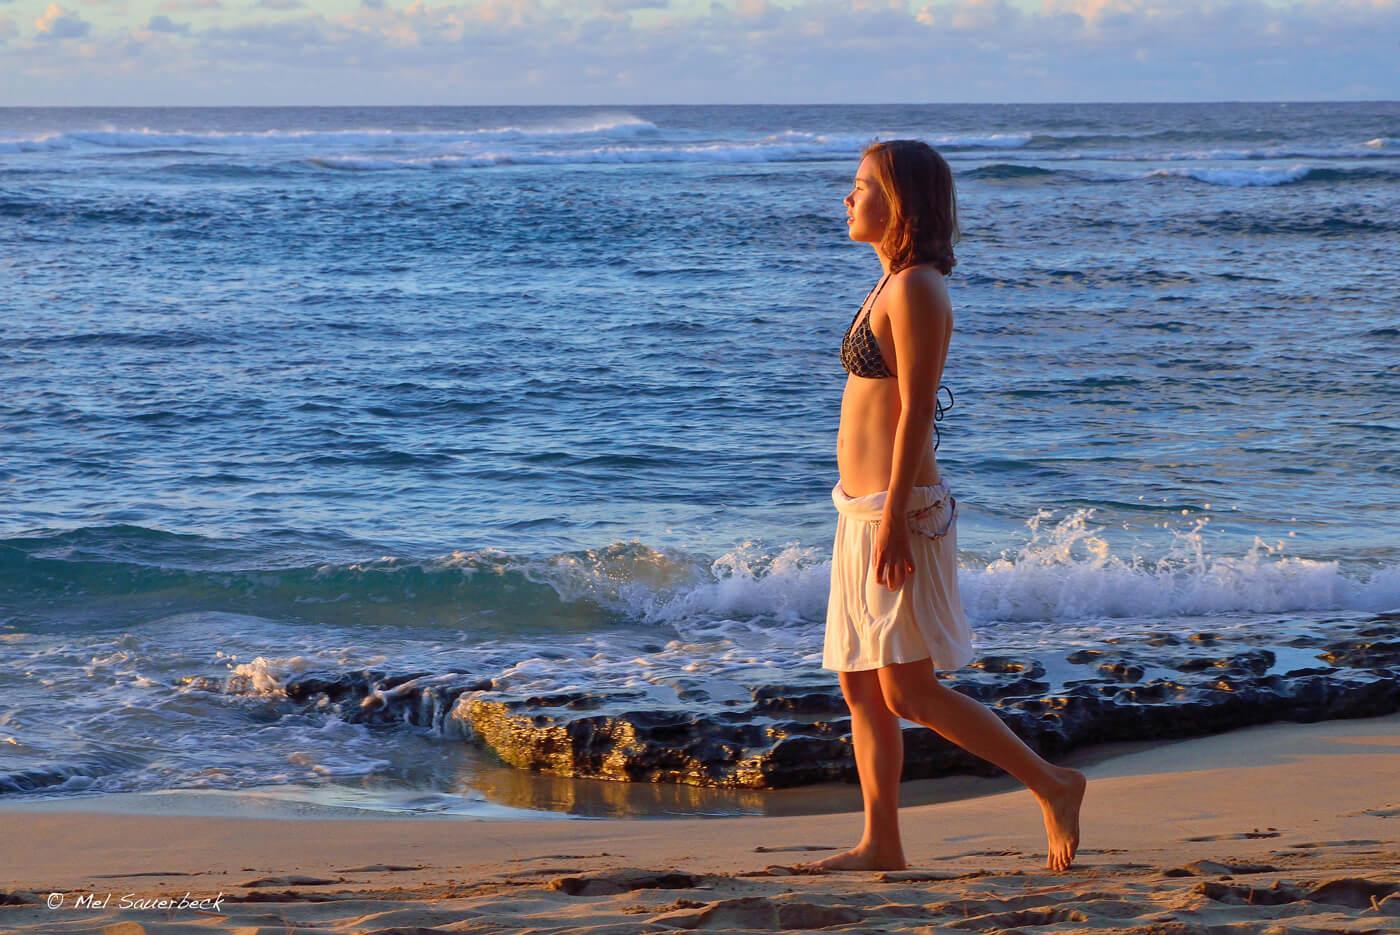 Young woman walking beach, Hawaii